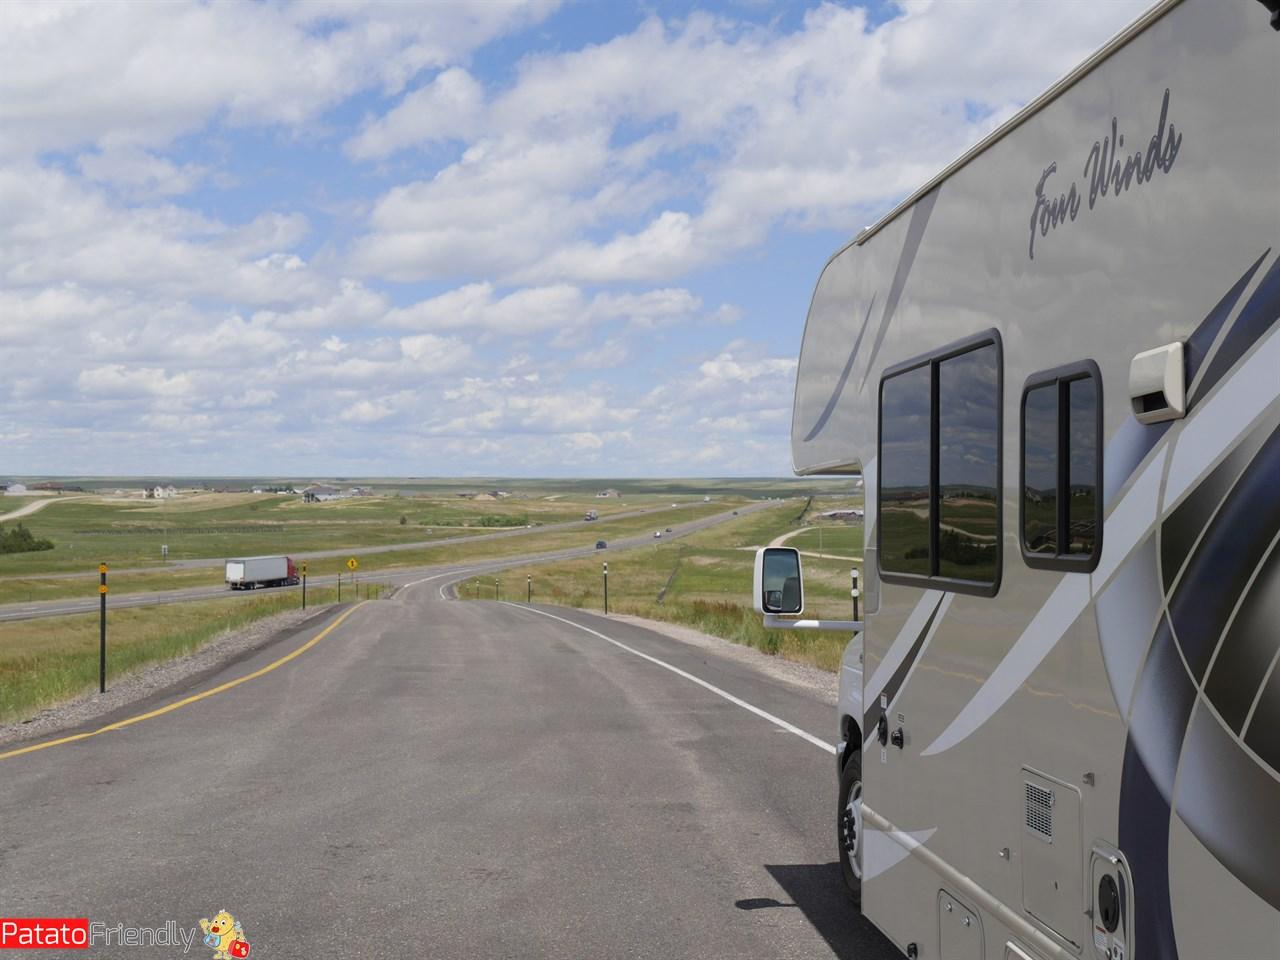 Stati Uniti in camper a Fort Laramie - noleggiare un camper in America